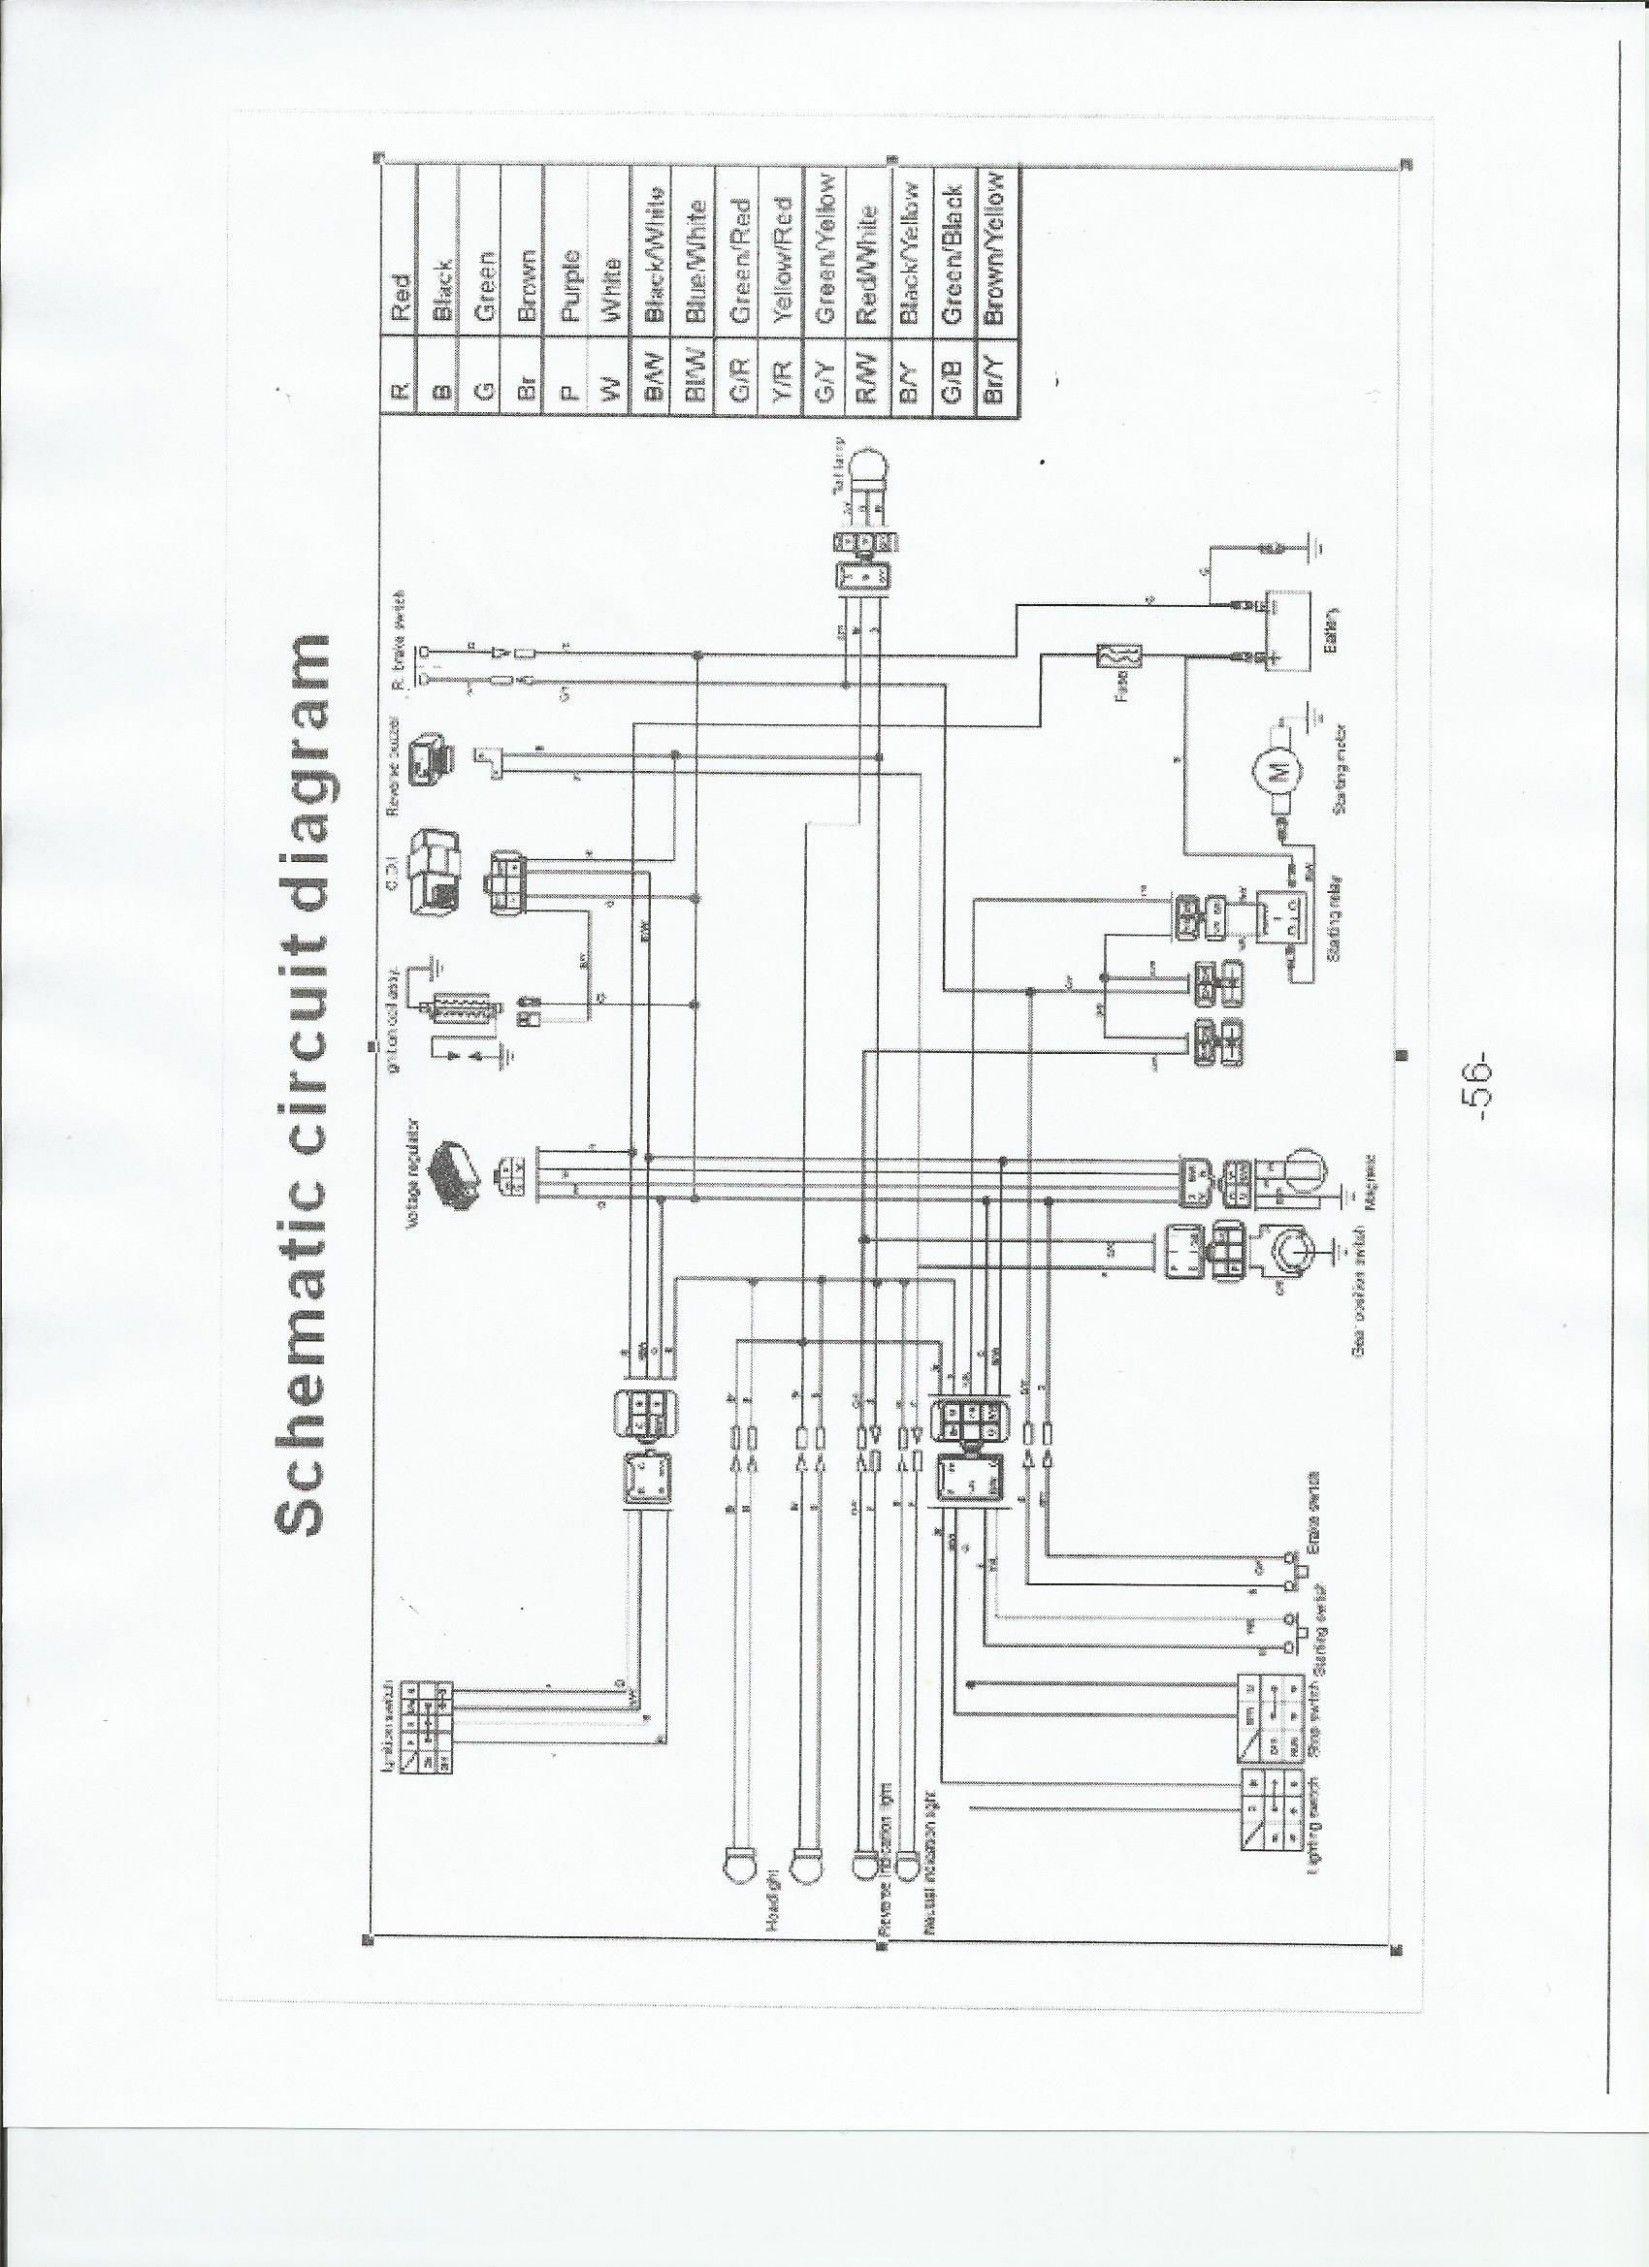 Gy4 4cc Engine Diagram Adalah Gy4 4cc Engine Diagram